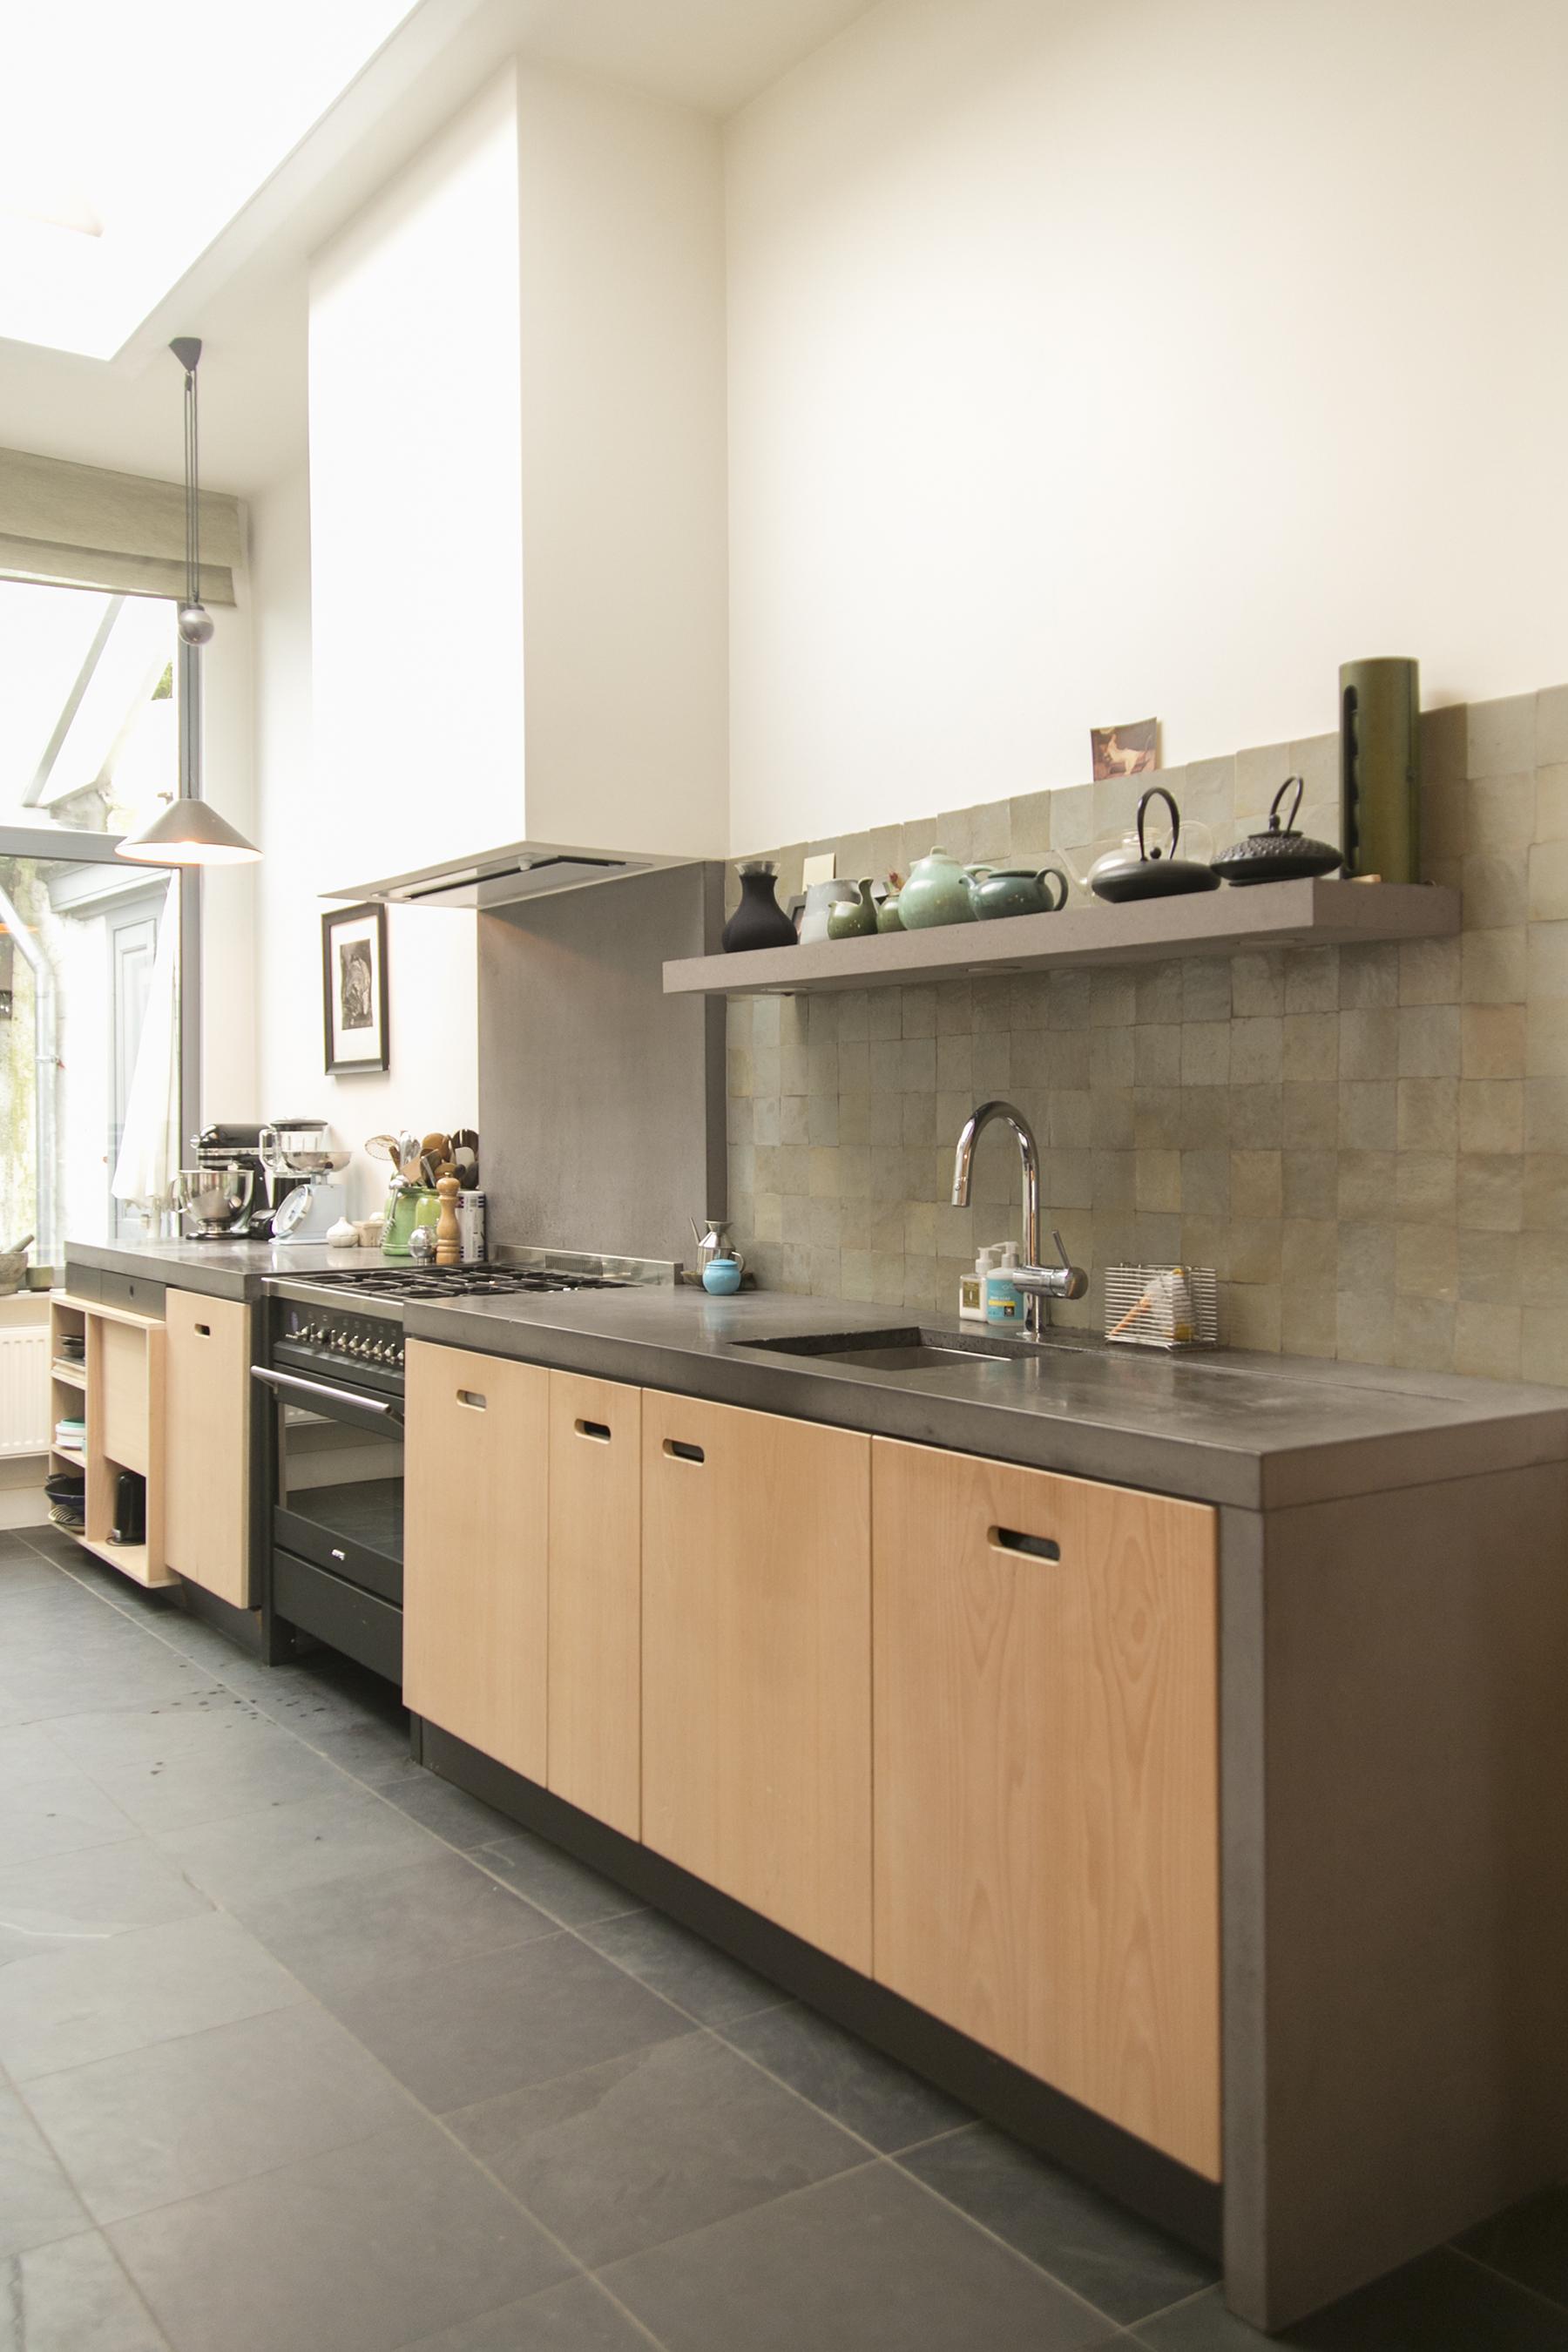 Keuken bb projecten studio reset - Foto keuken ...